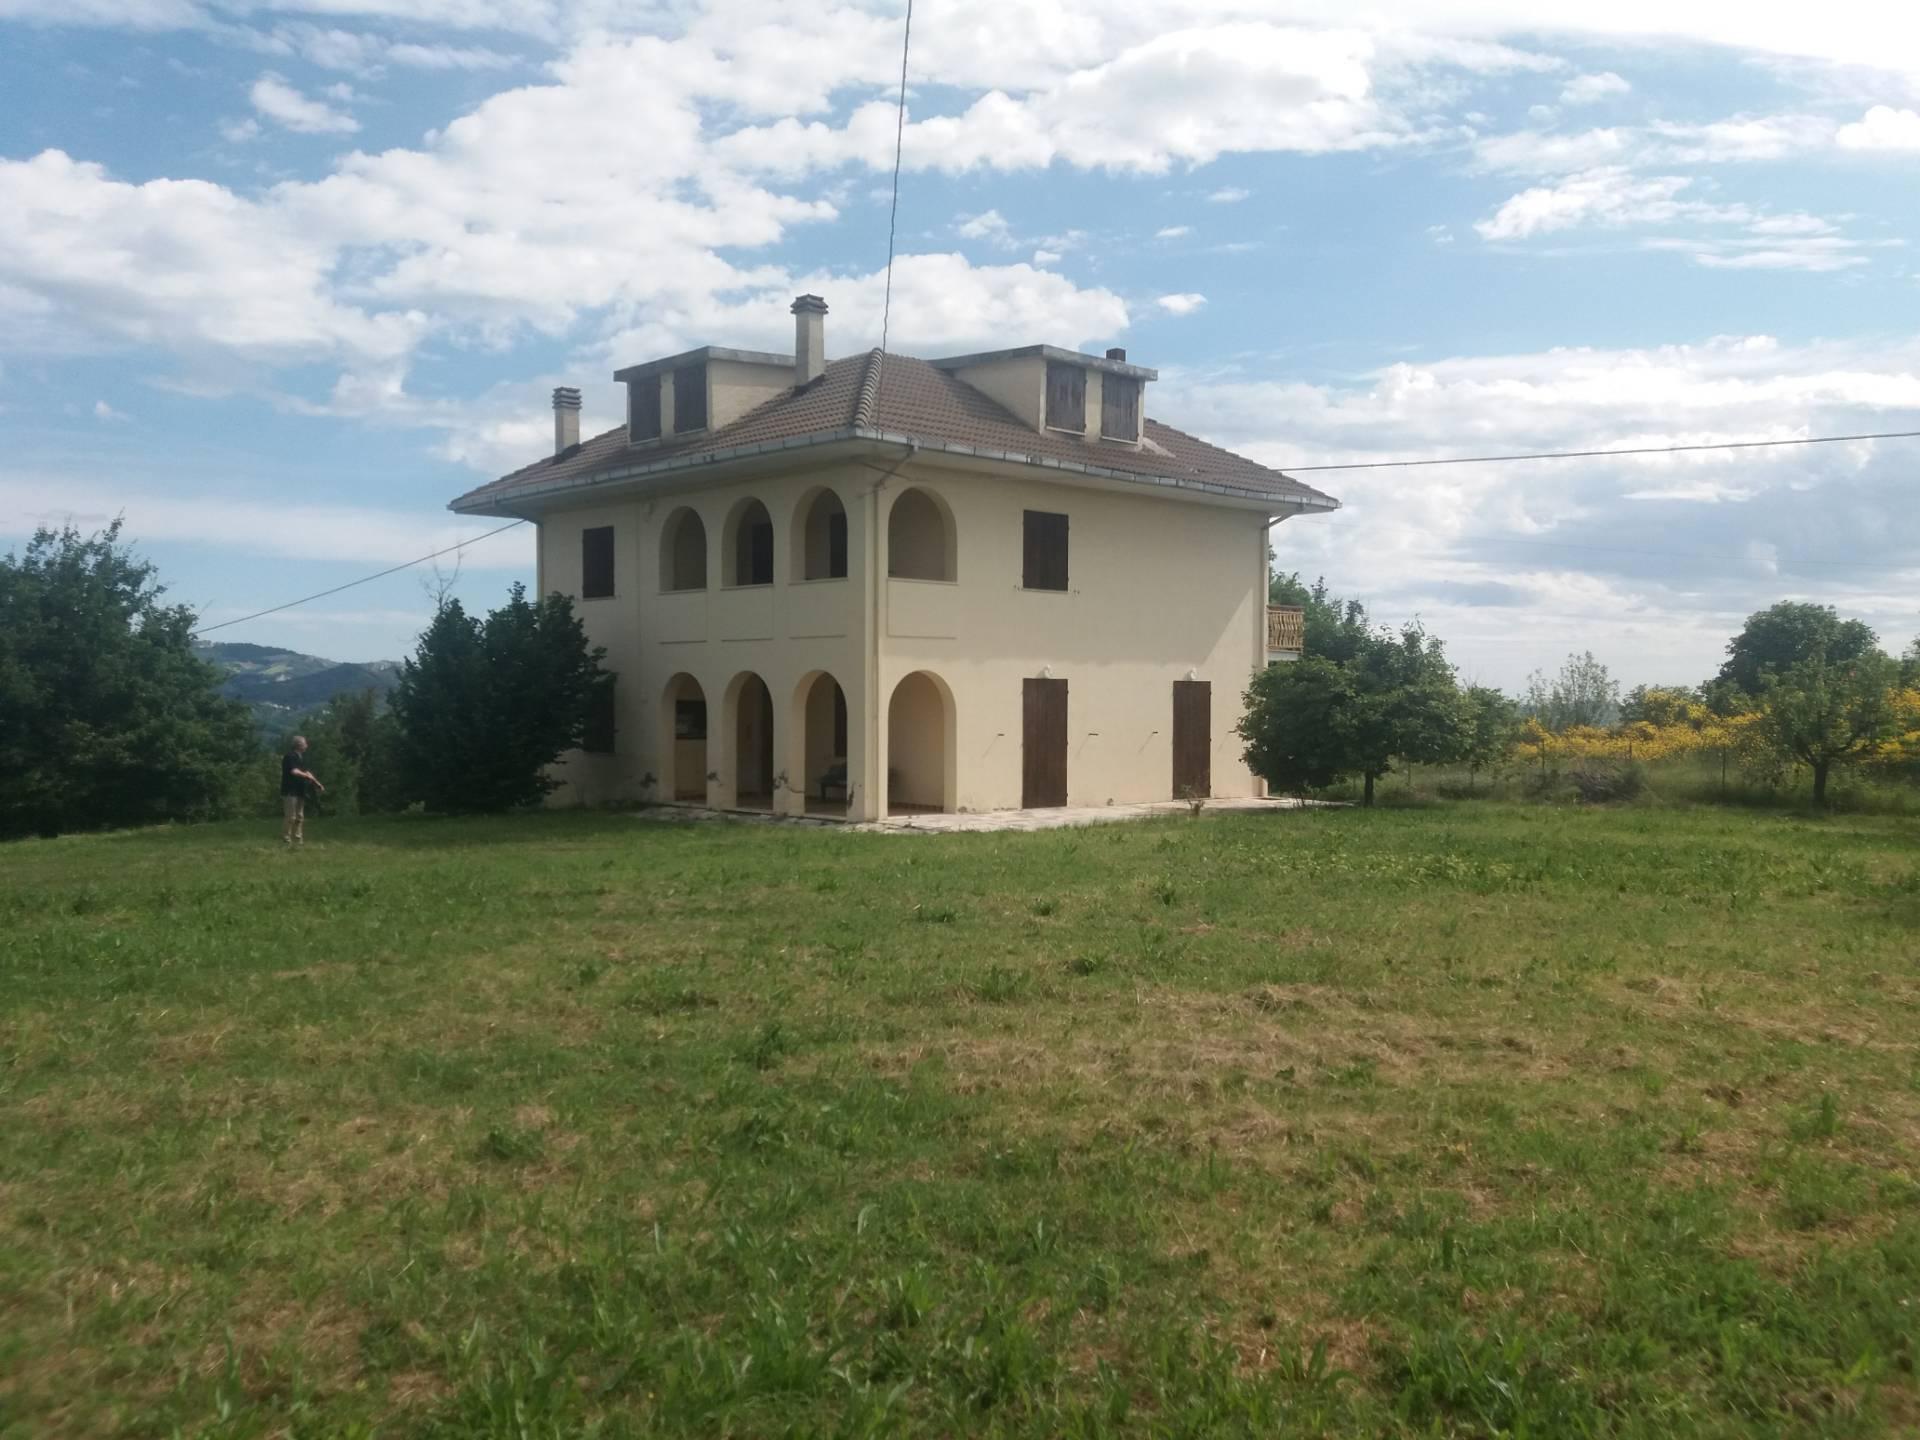 Soluzione Indipendente in vendita a Venarotta, 12 locali, zona Zona: Olibra, prezzo € 250.000 | CambioCasa.it